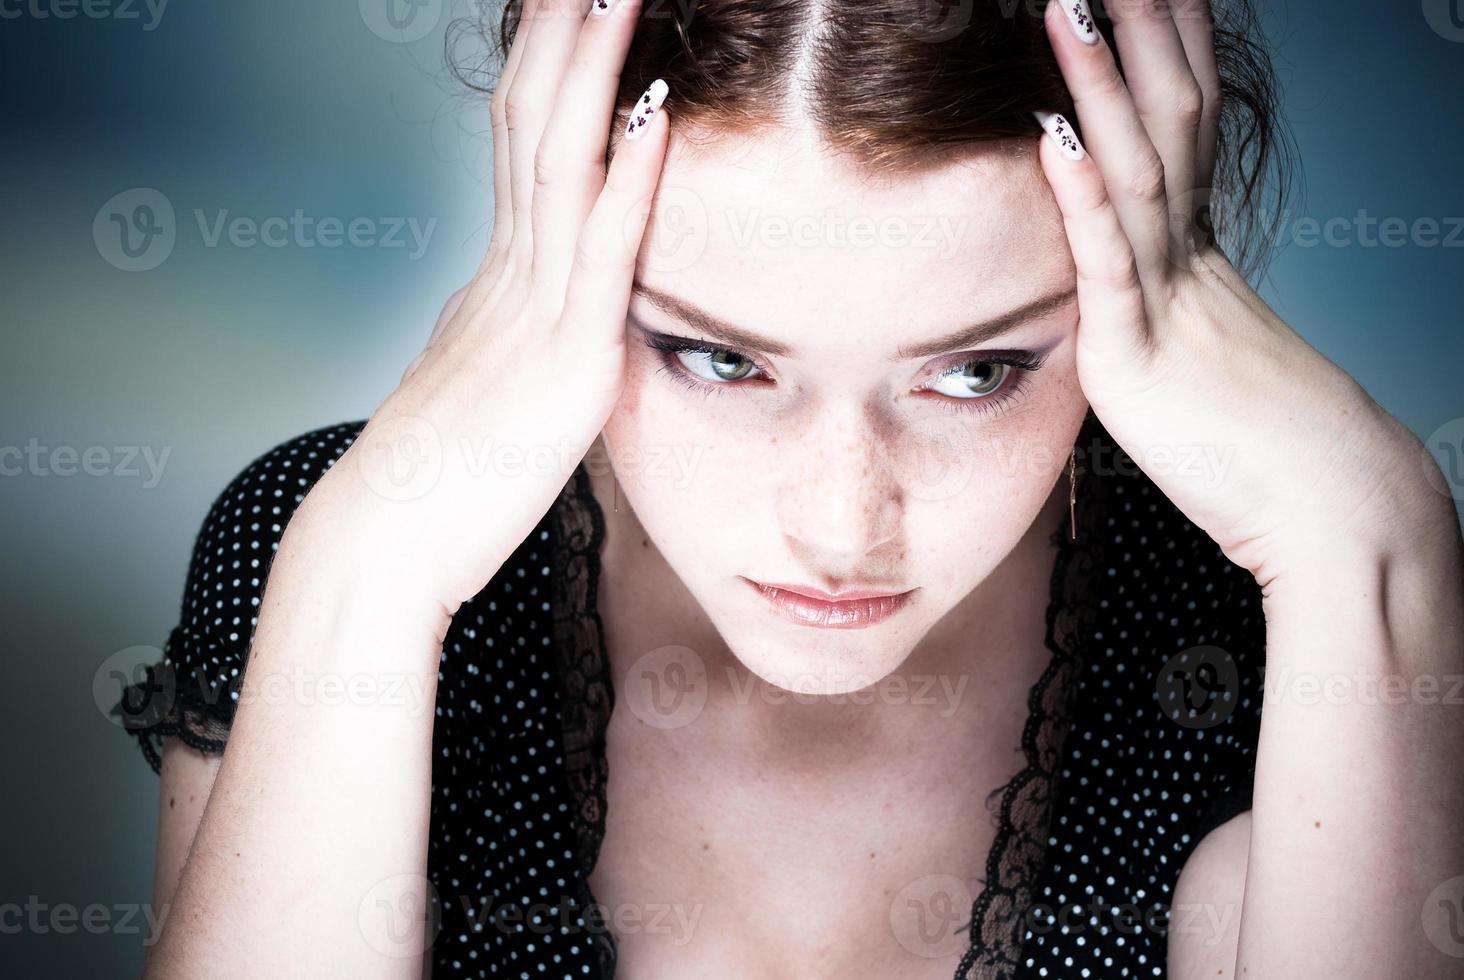 jovencita concentrándose con la cabeza entre las manos foto